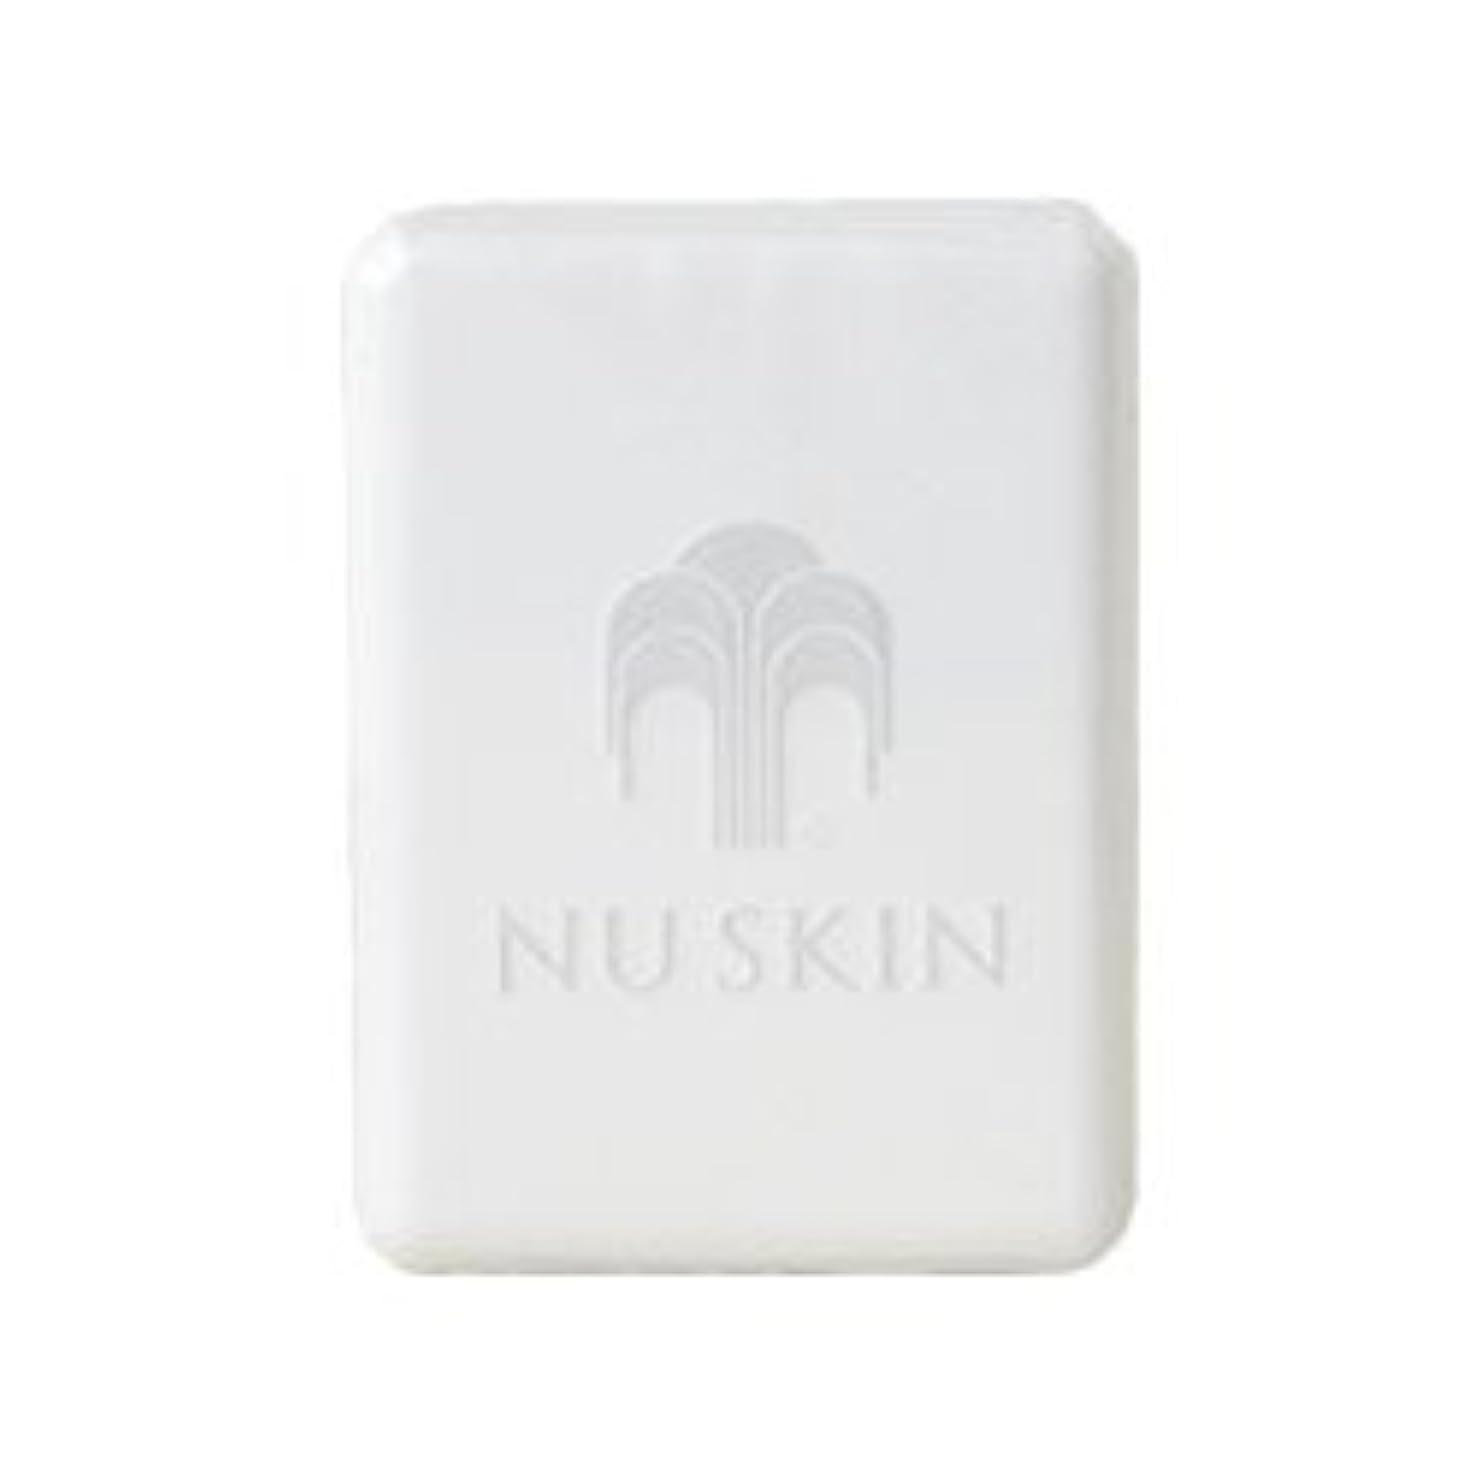 実質的引く一貫したニュースキン NU SKIN ボディーバー 03110353